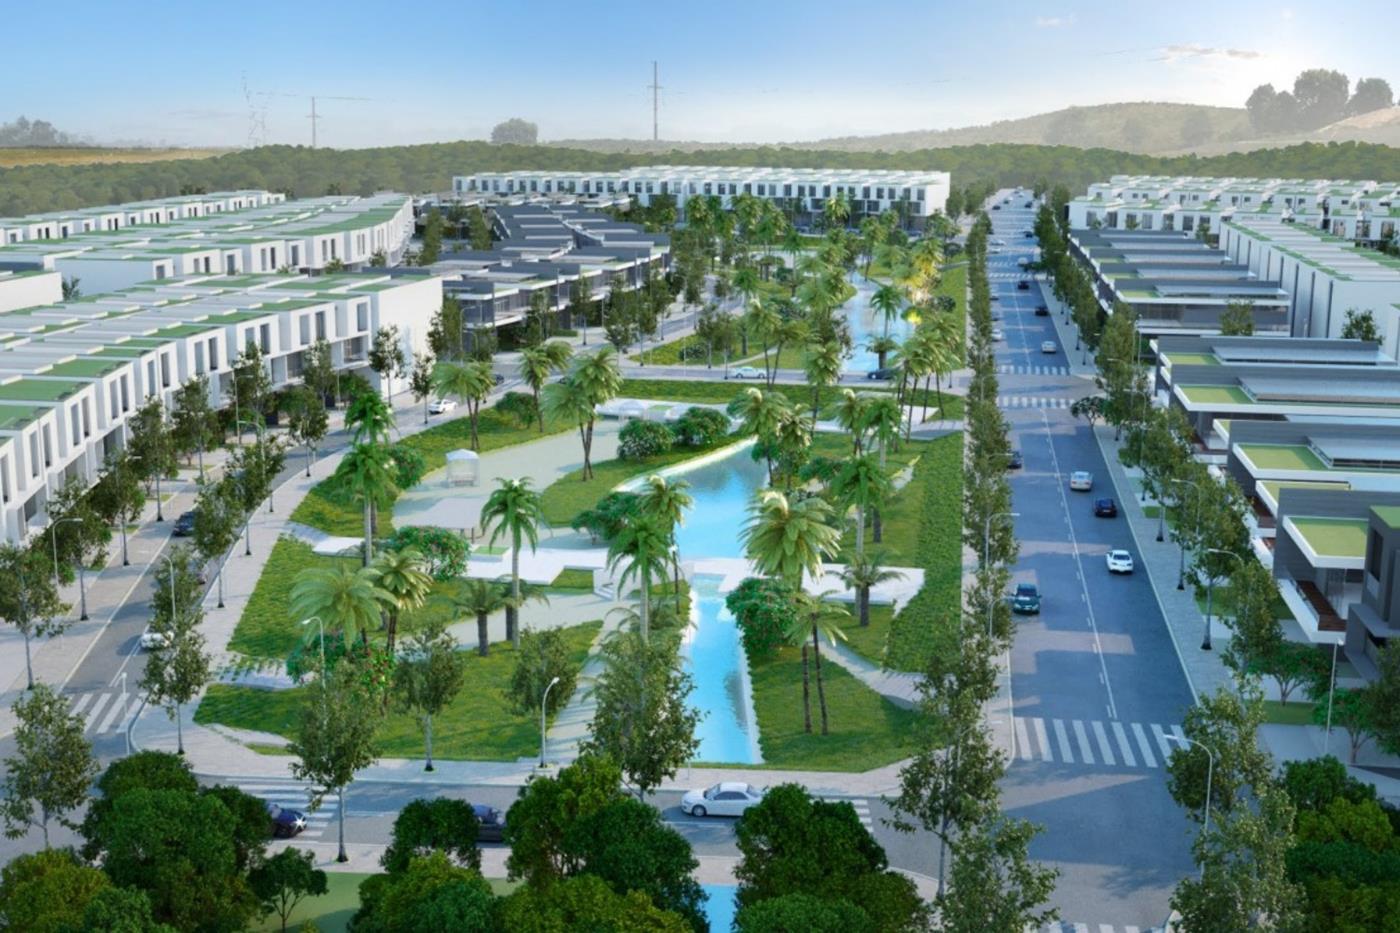 Tổng thể khu đô thị Bảo Lộc Capital